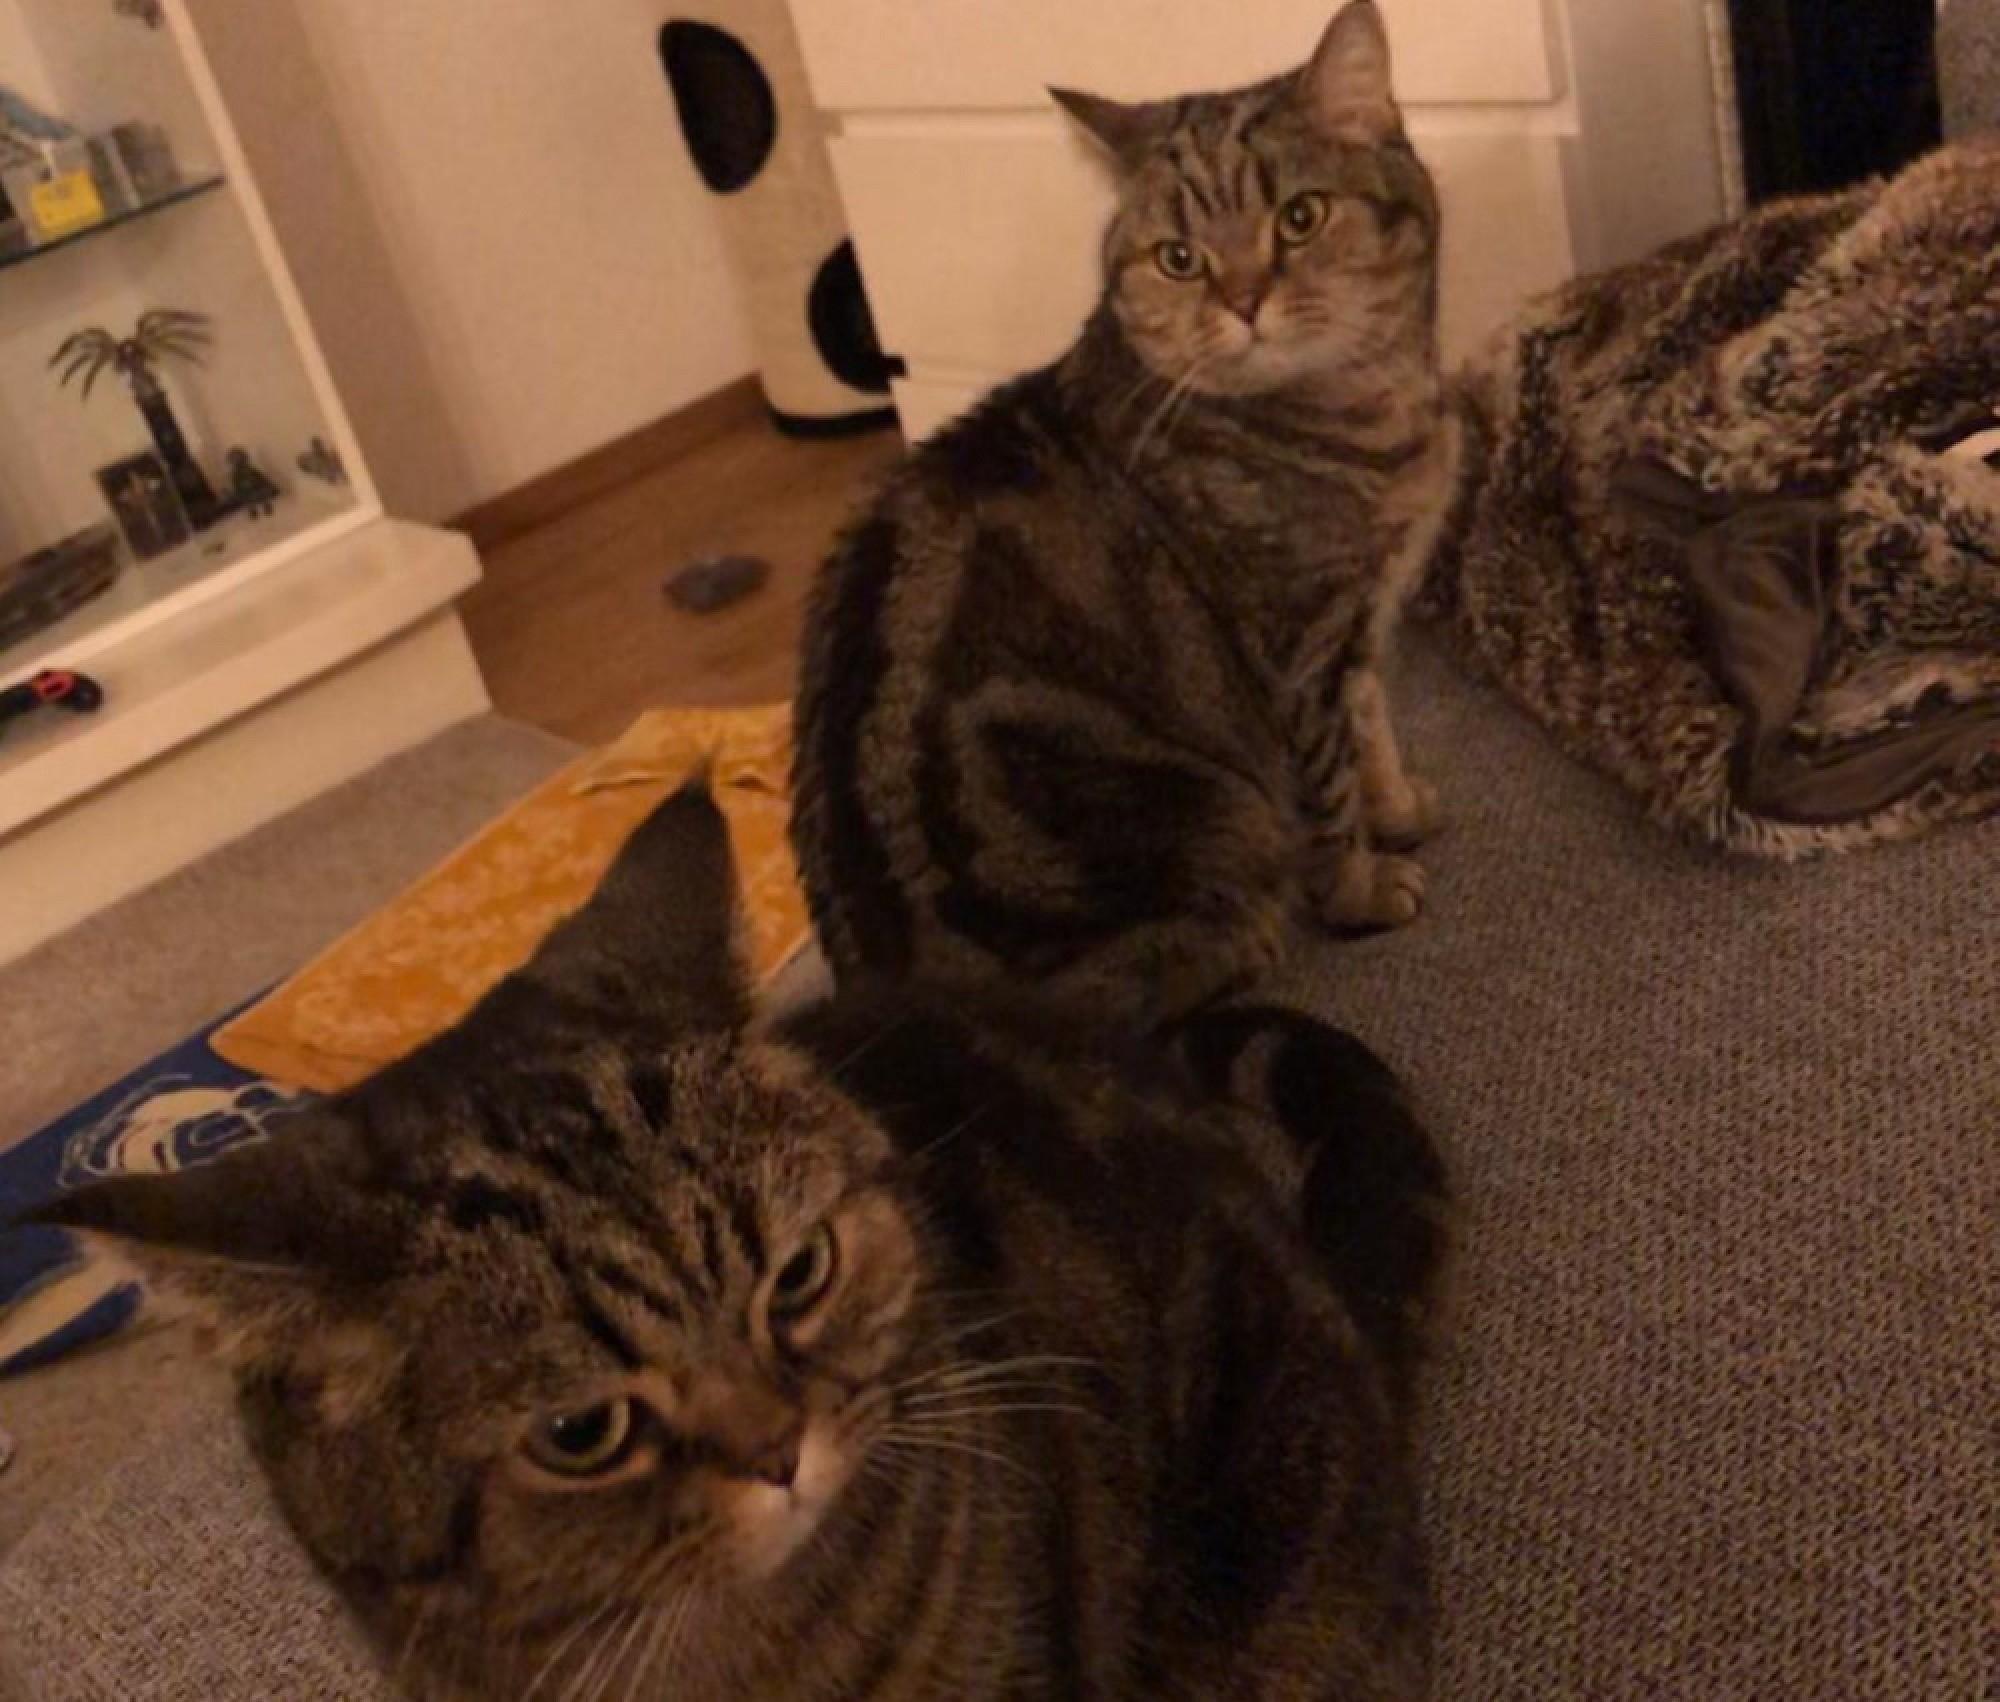 In Katzen Tiere Not Hunde 8nvN0wm